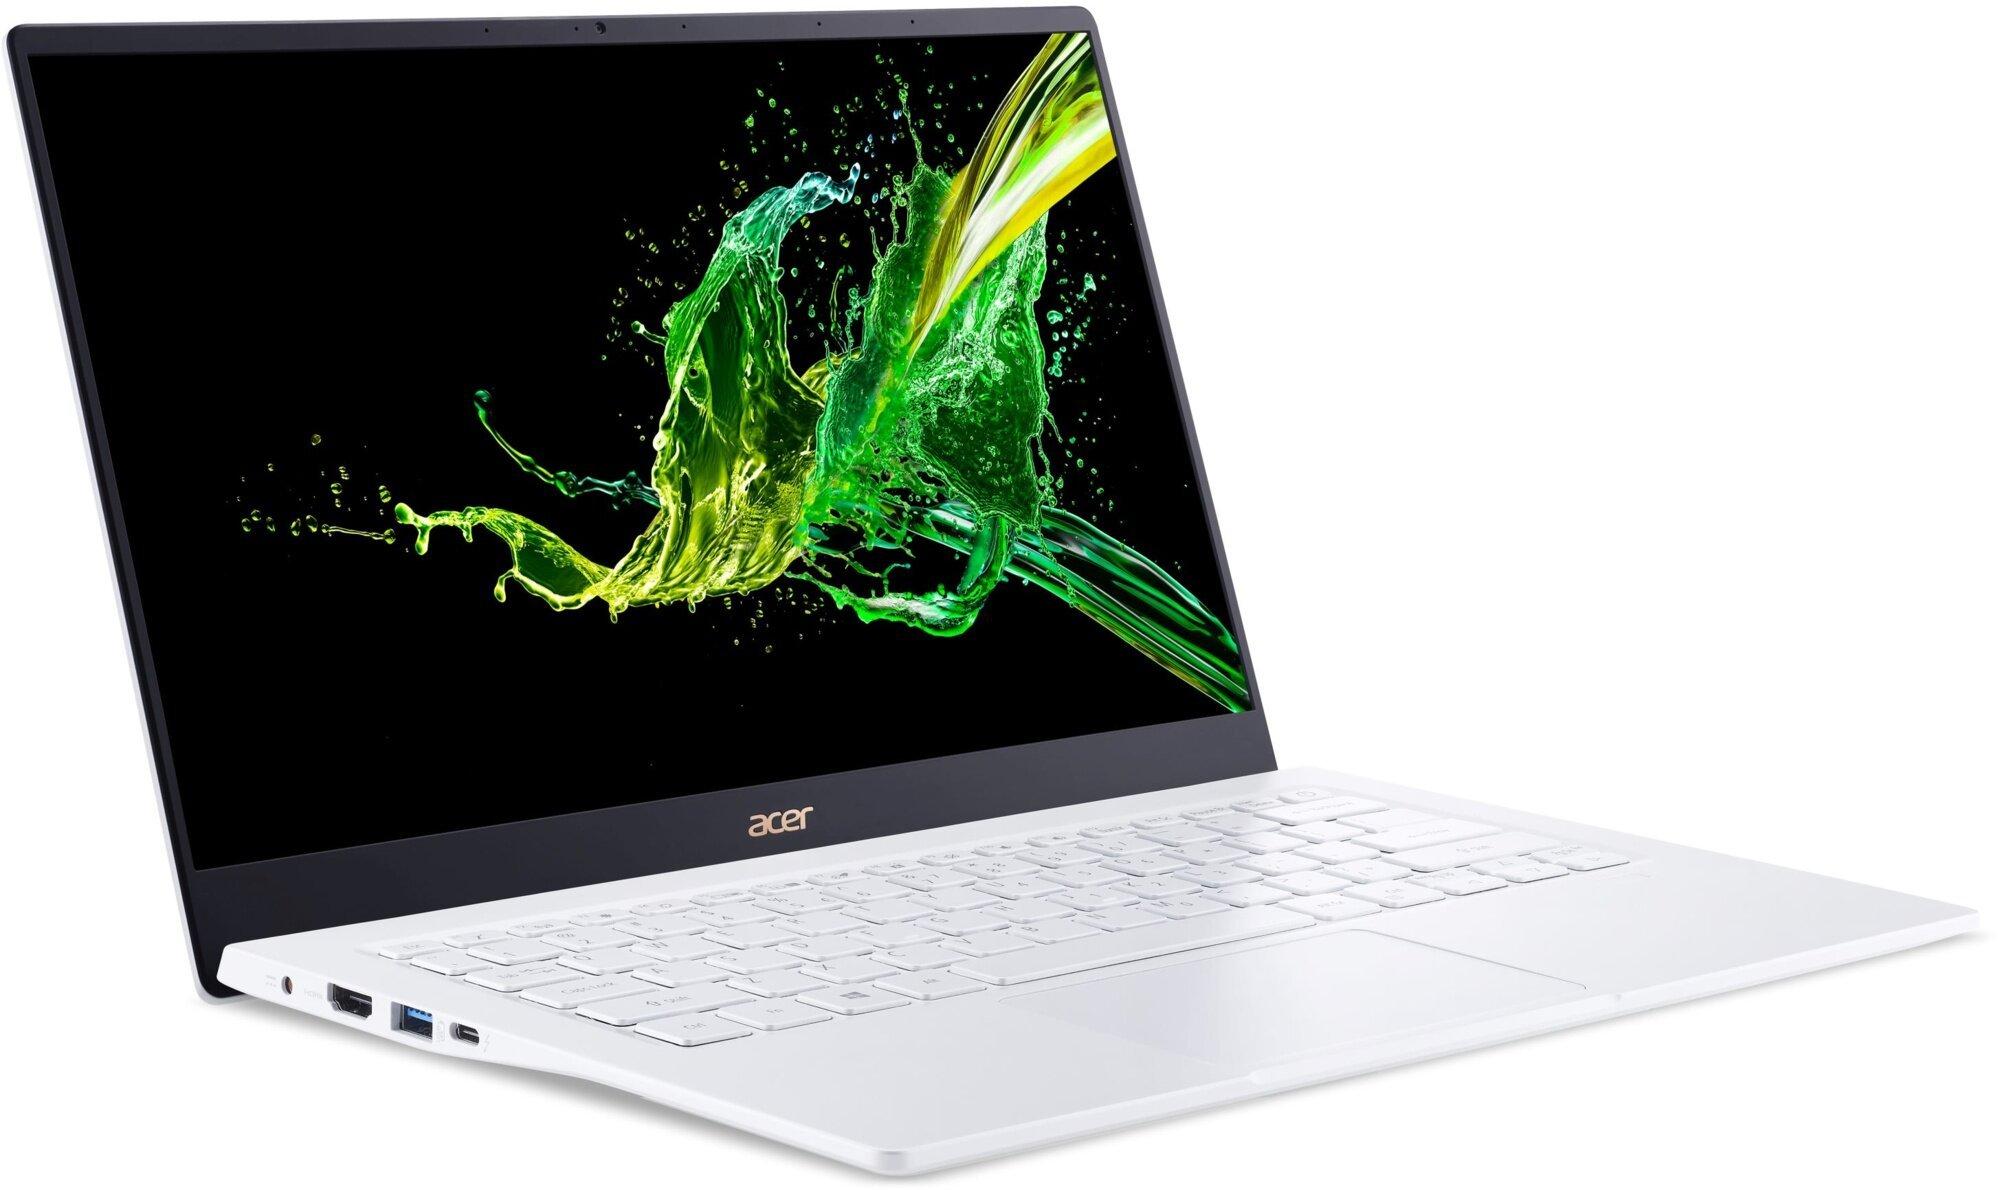 Acer Swift 5 SF514-54T-724S